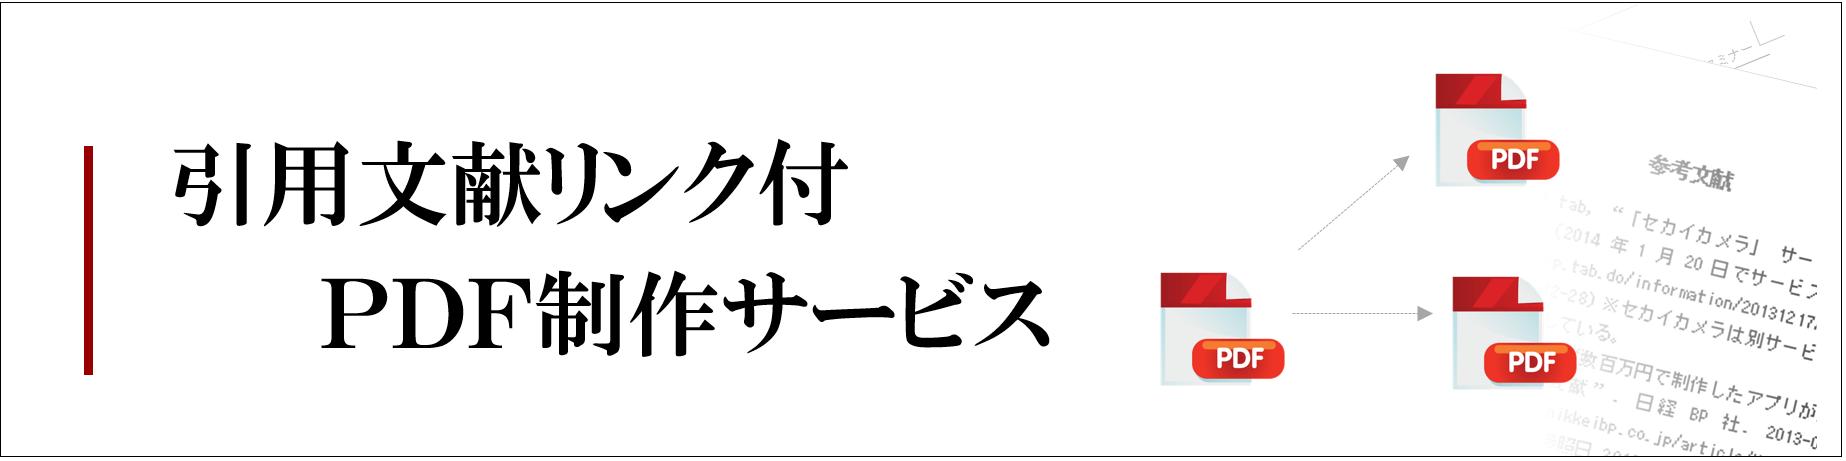 引用文献リンク付 PDF制作サービス